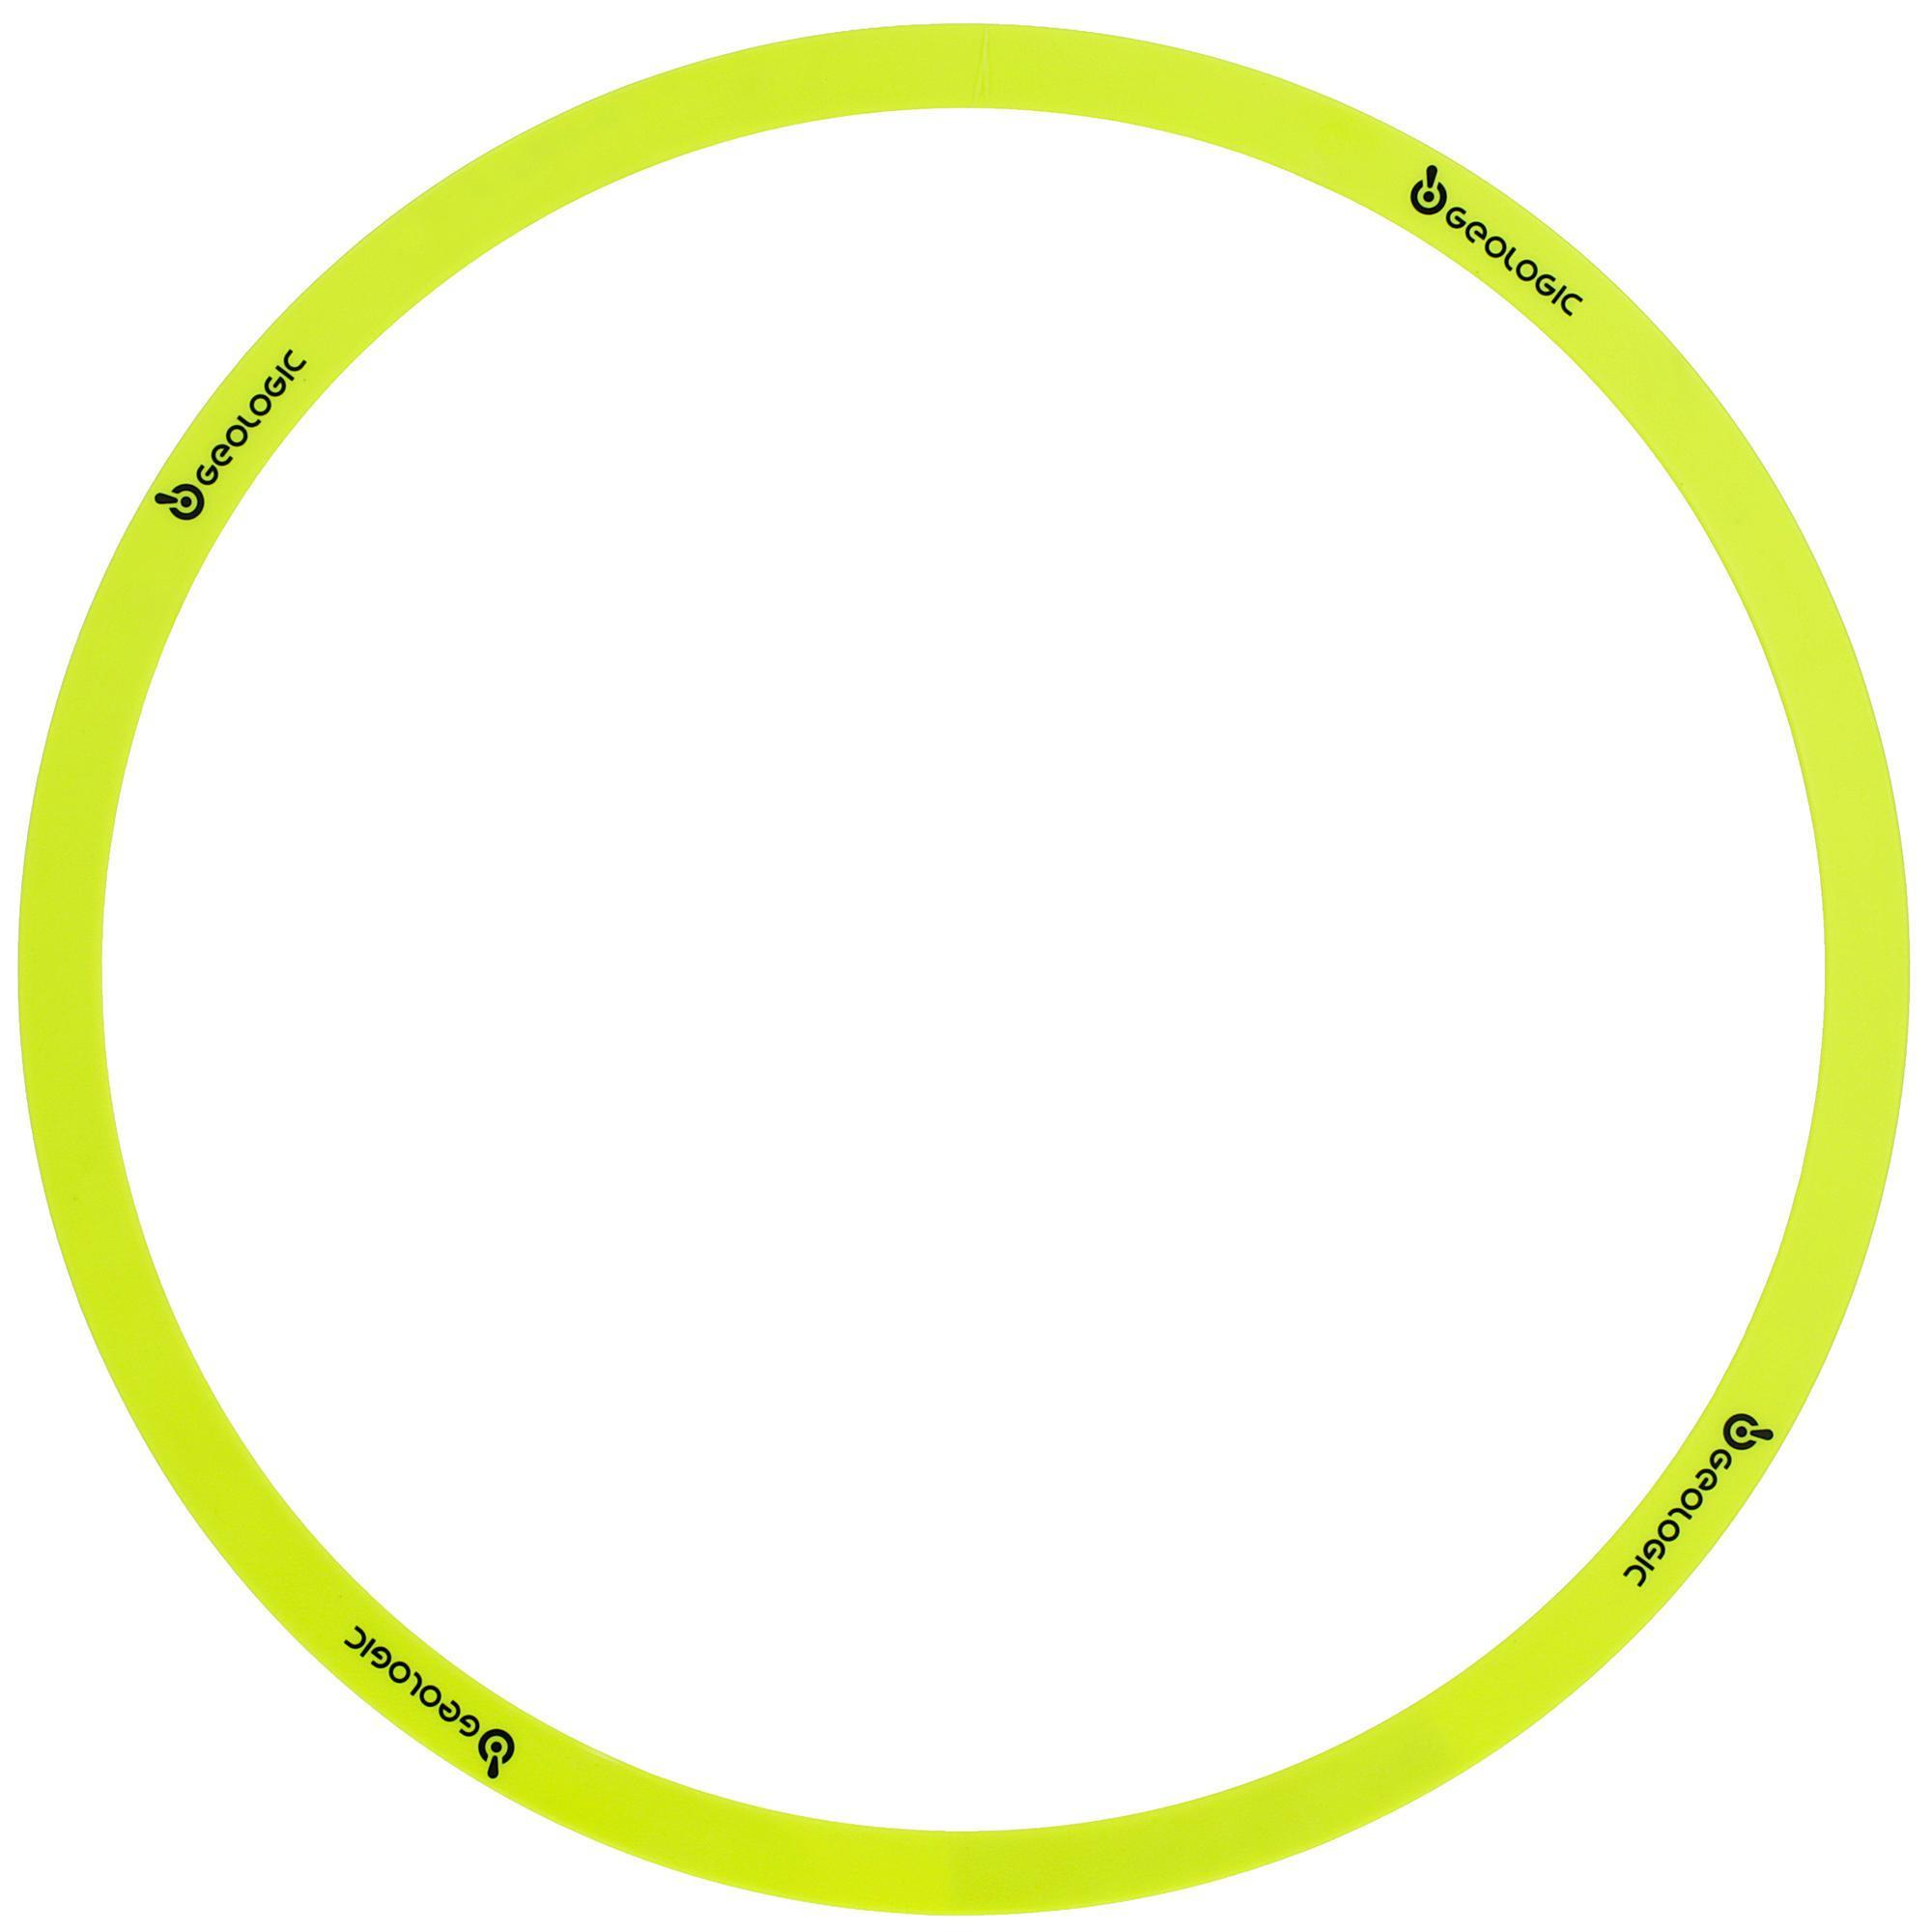 Cercle de pétanque officiel et pas cher de couleurs jaune fluo